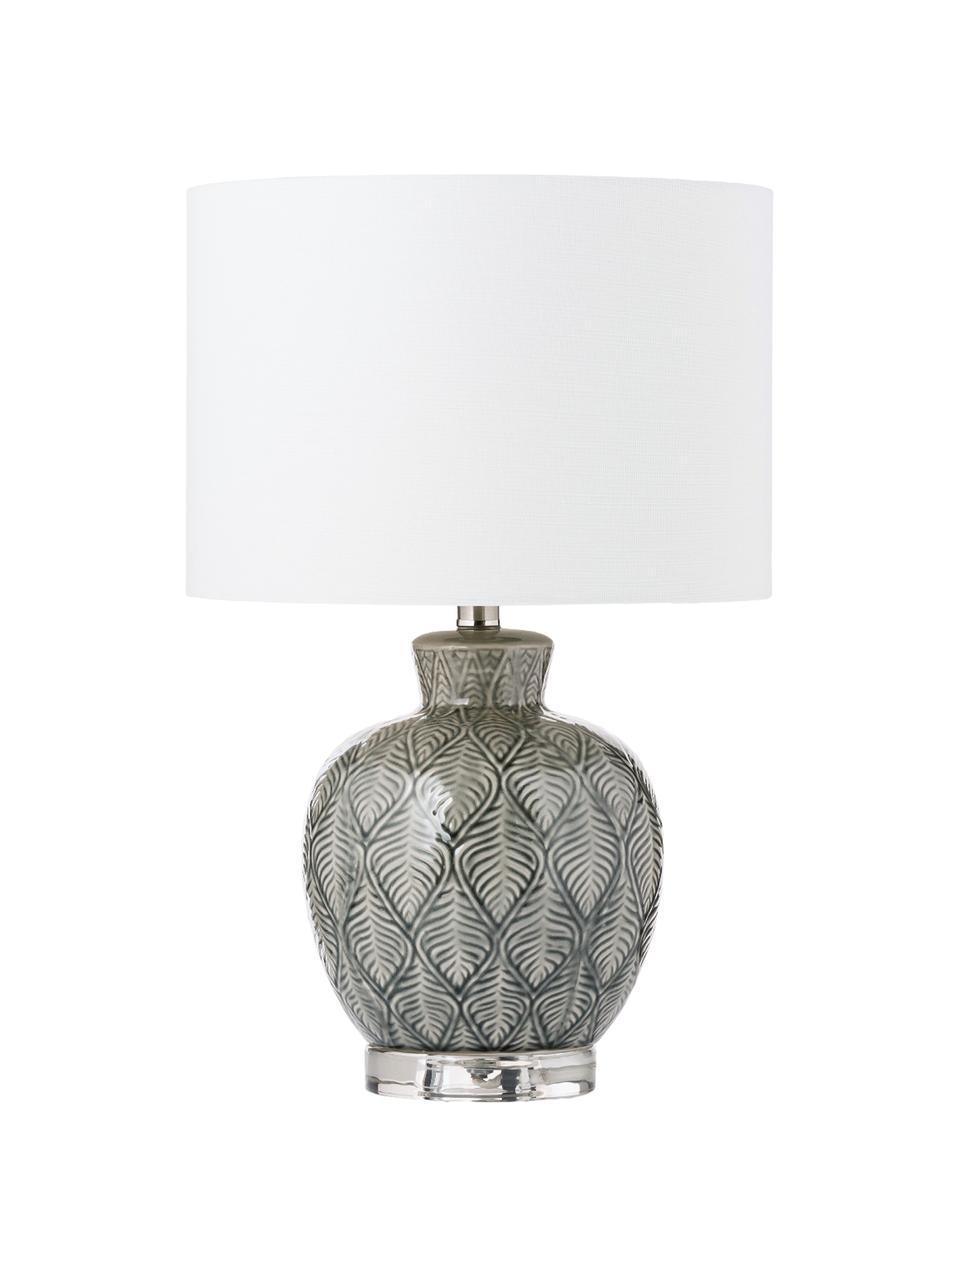 Lampa stołowa z ceramiki Brooklyn, Biały, szary, Ø 33 x W 53 cm